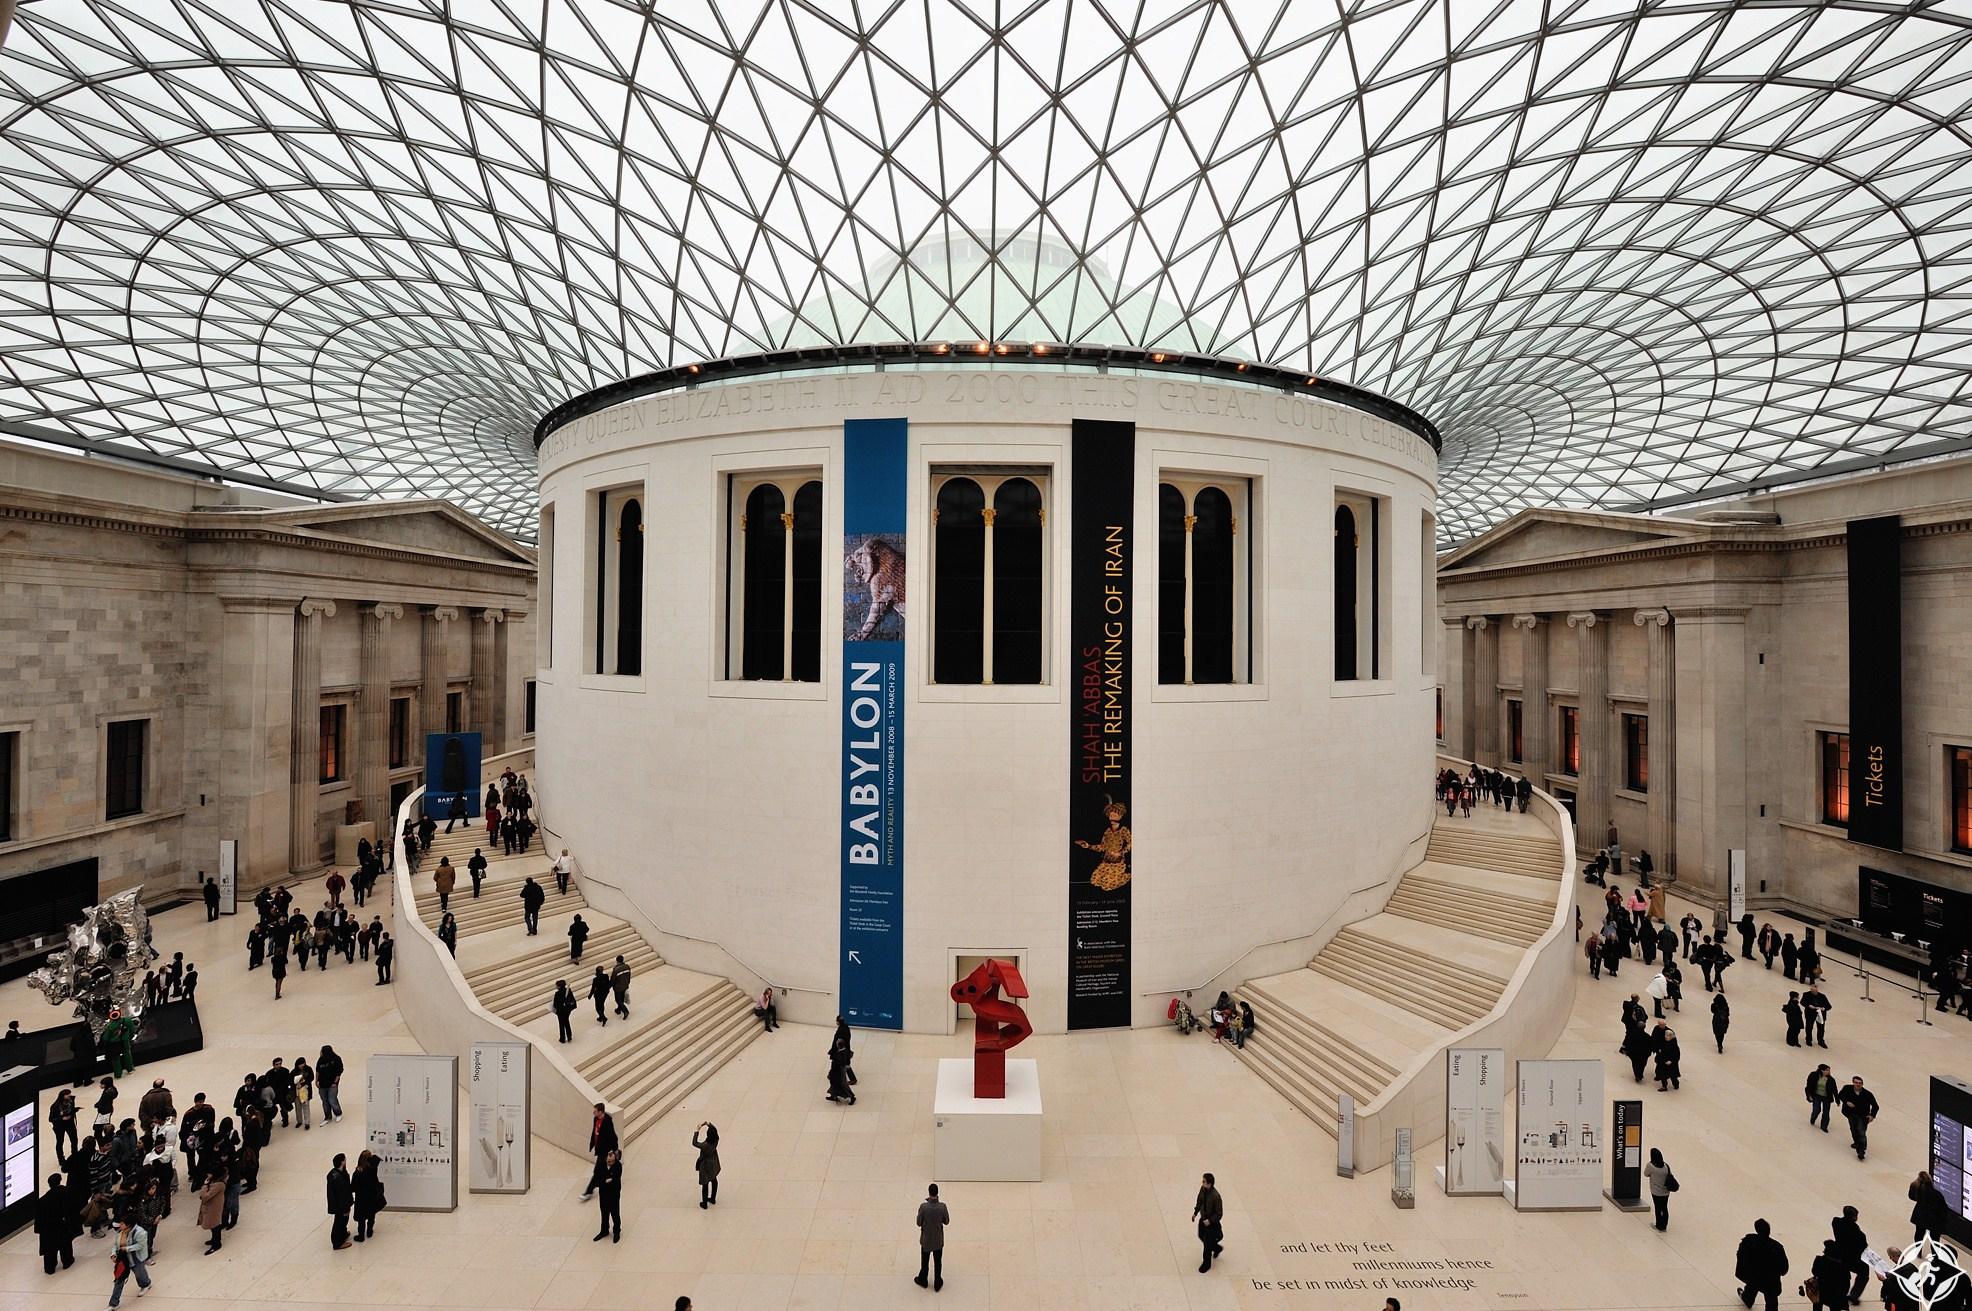 تقرير عن زيارة المتحف